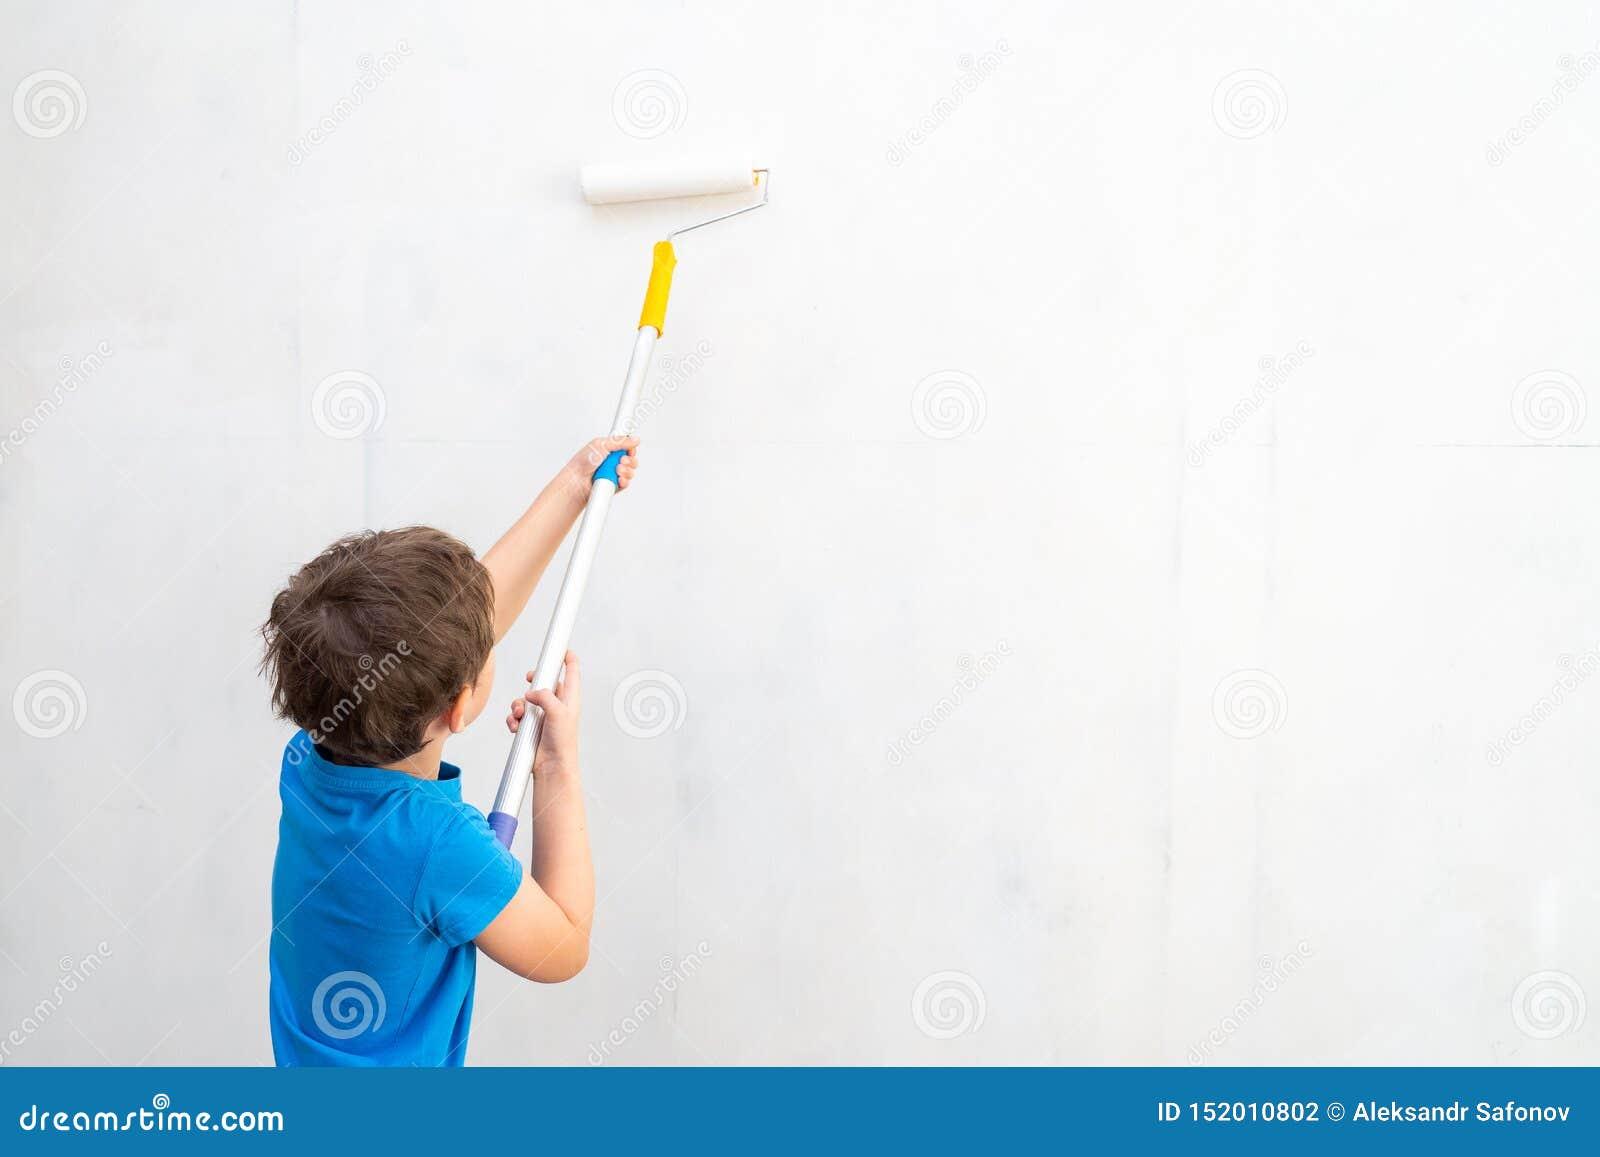 Το παιδί κυλά τον κύλινδρο στο χρώμα στον τοίχο η εργασία λήξης στις εγκαταστάσεις του καλλιτέχνη χρωματίζει τους τοίχους Επισκευ